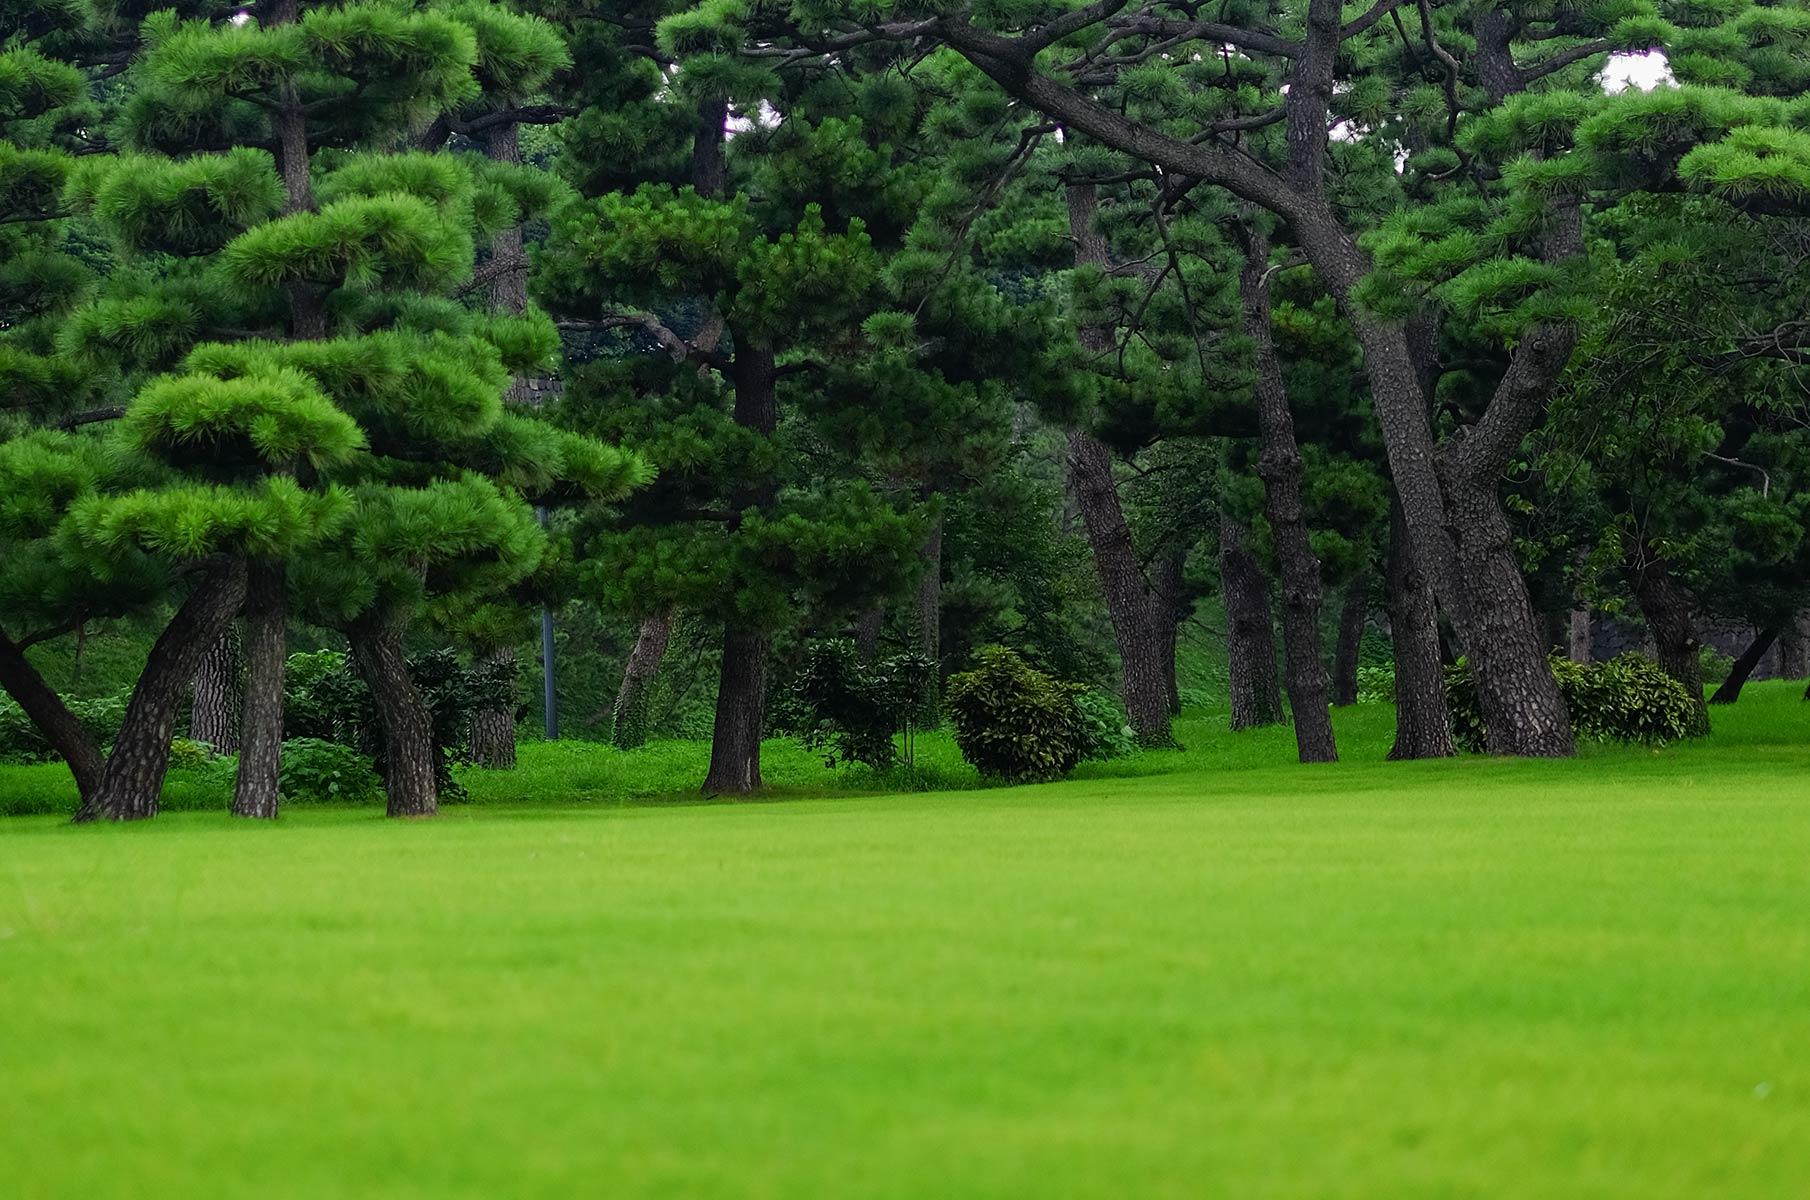 Kokyogaien National Park in Tokyo, Japan